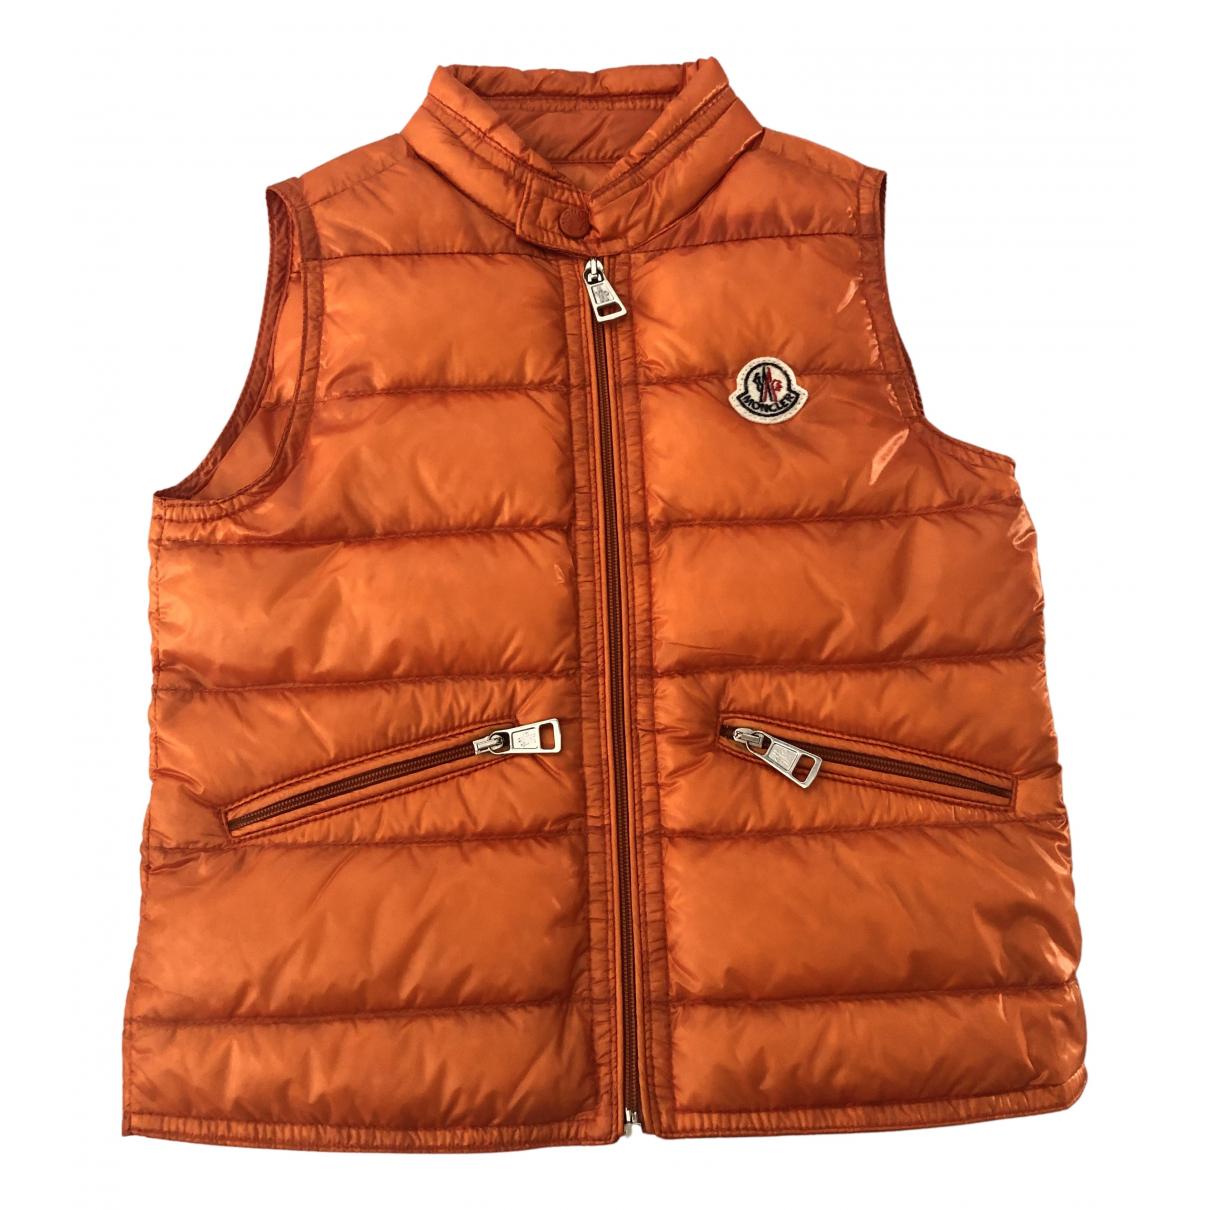 Moncler Sleeveless Orange jacket & coat for Kids 3 years - until 39 inches UK